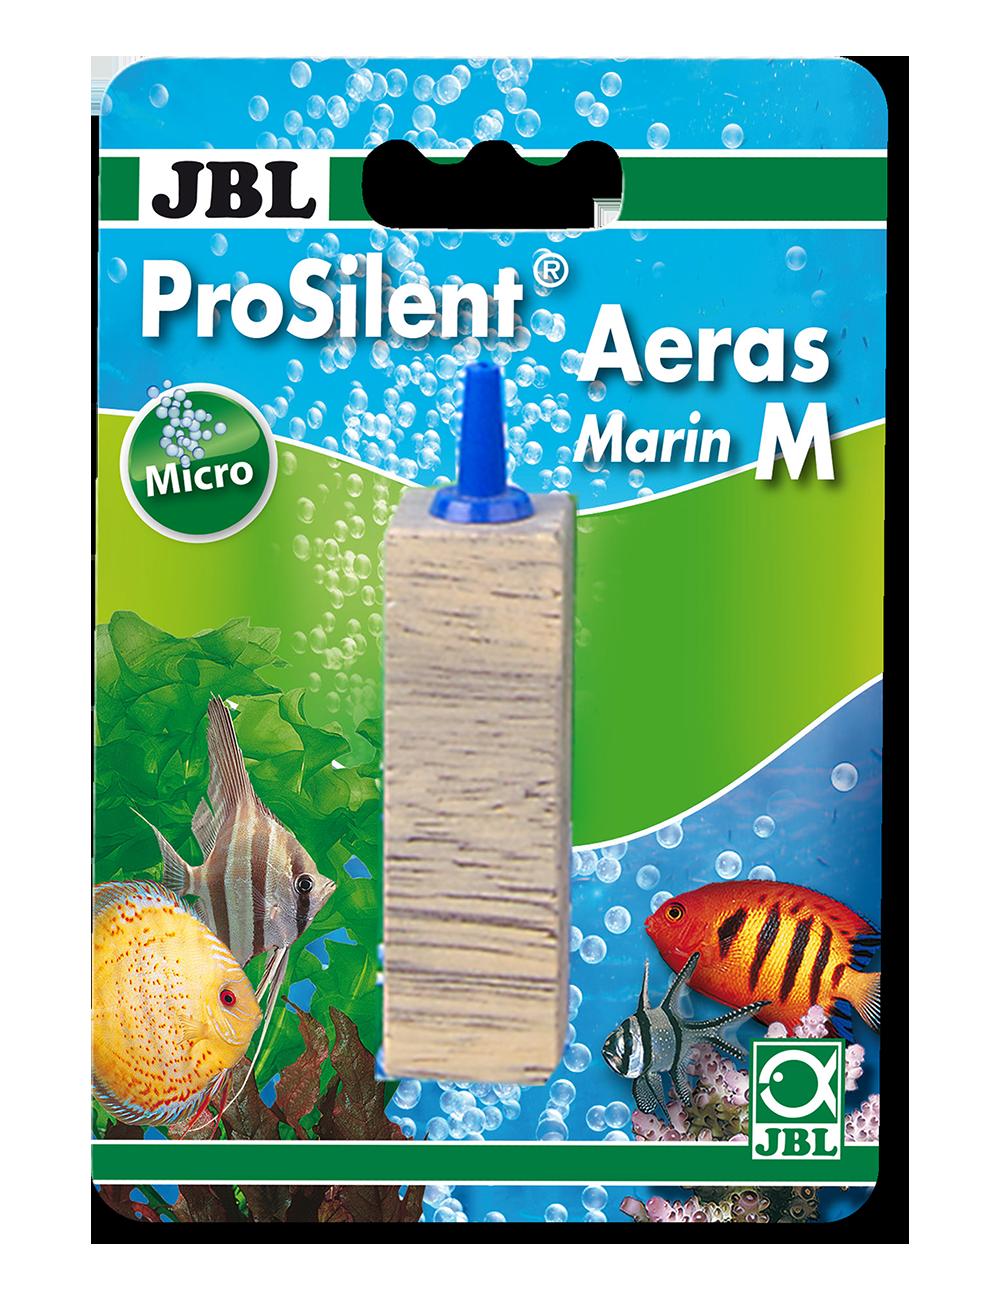 JBL - Aeras Marin M - Diffuseur d'air en bois - 65mm